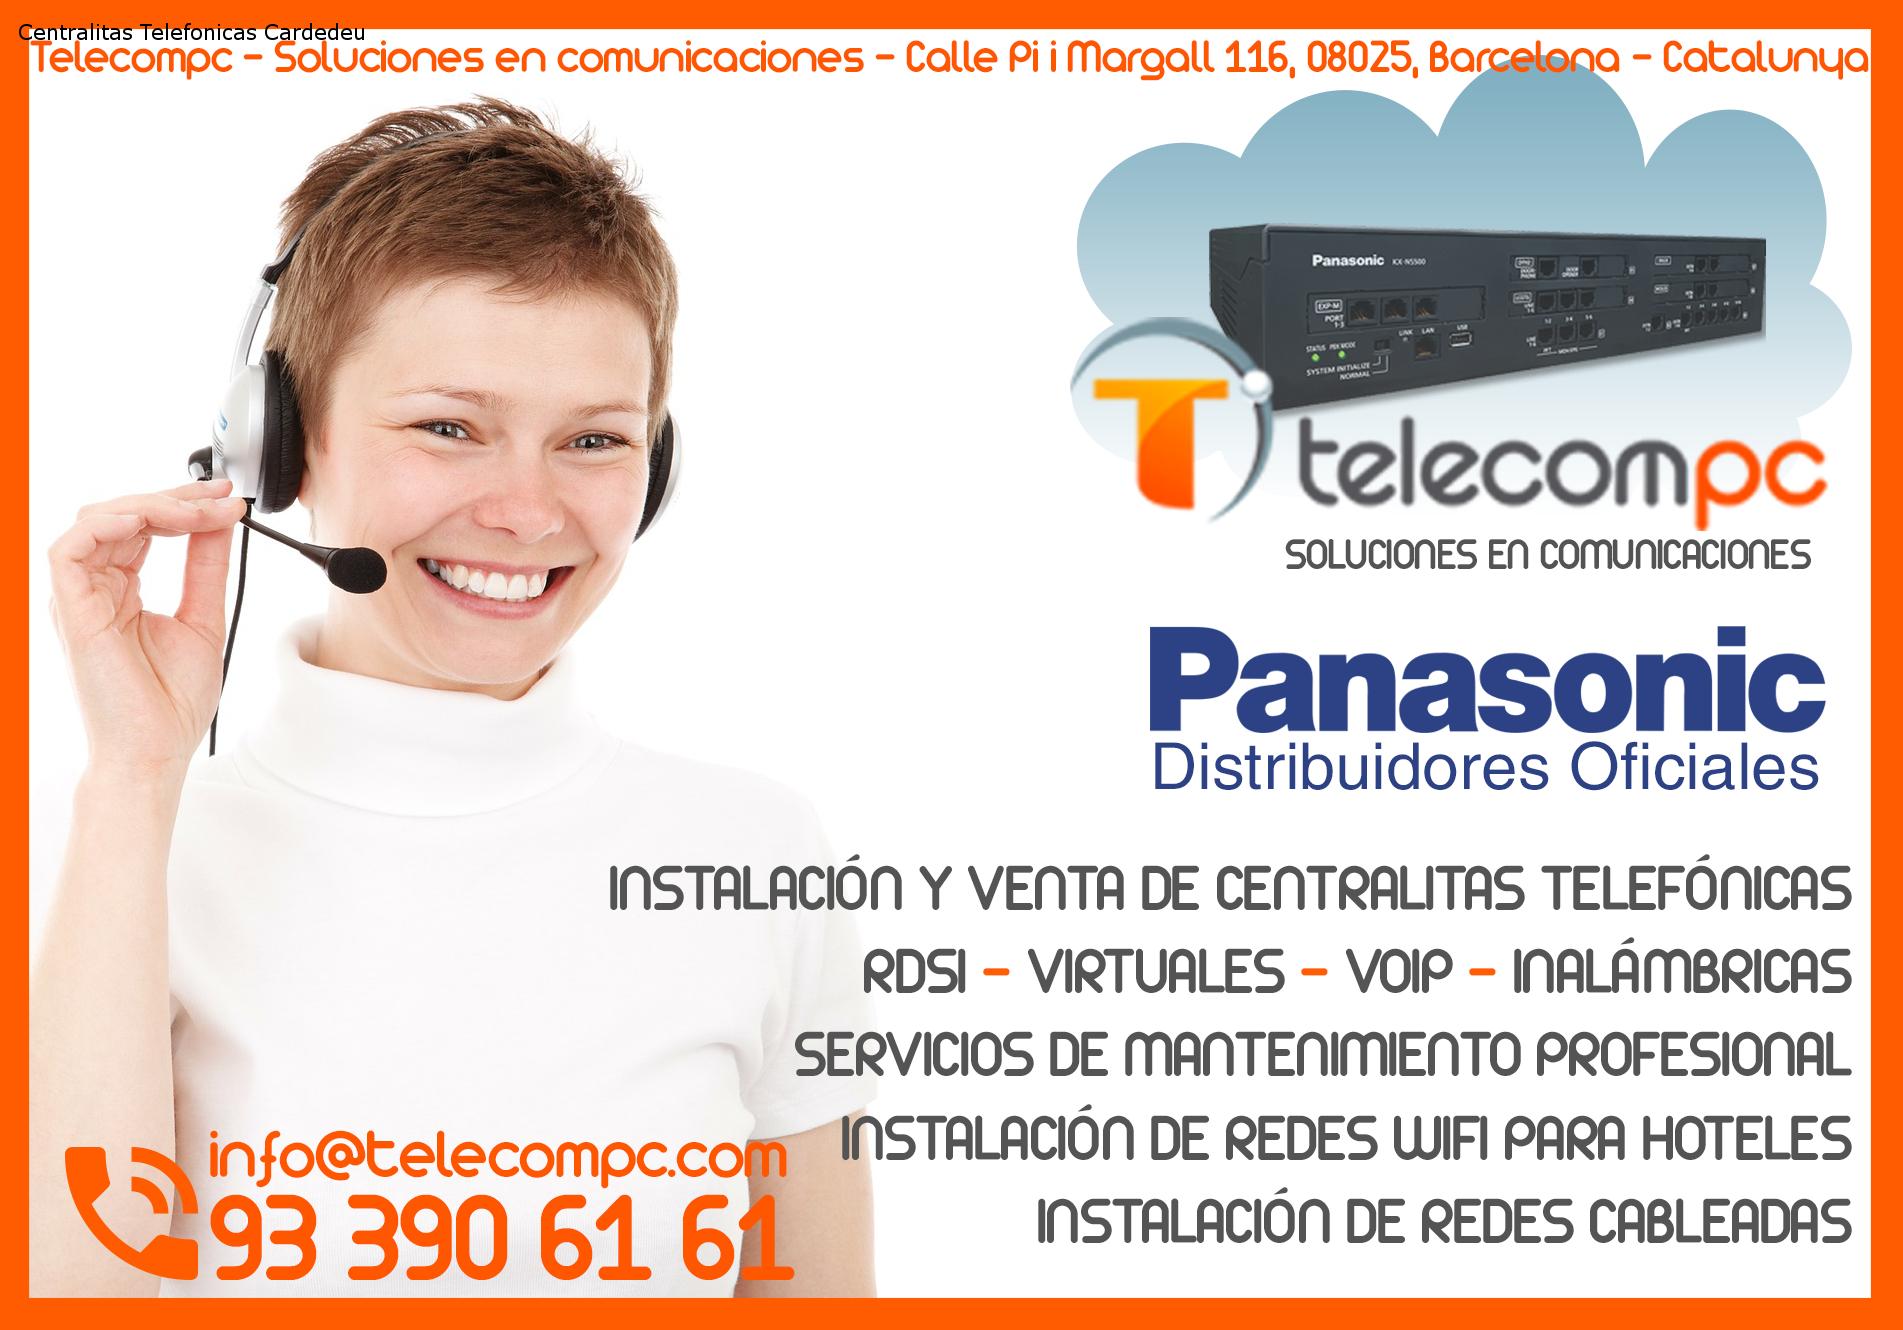 Centralitas Telefonicas Cardedeu